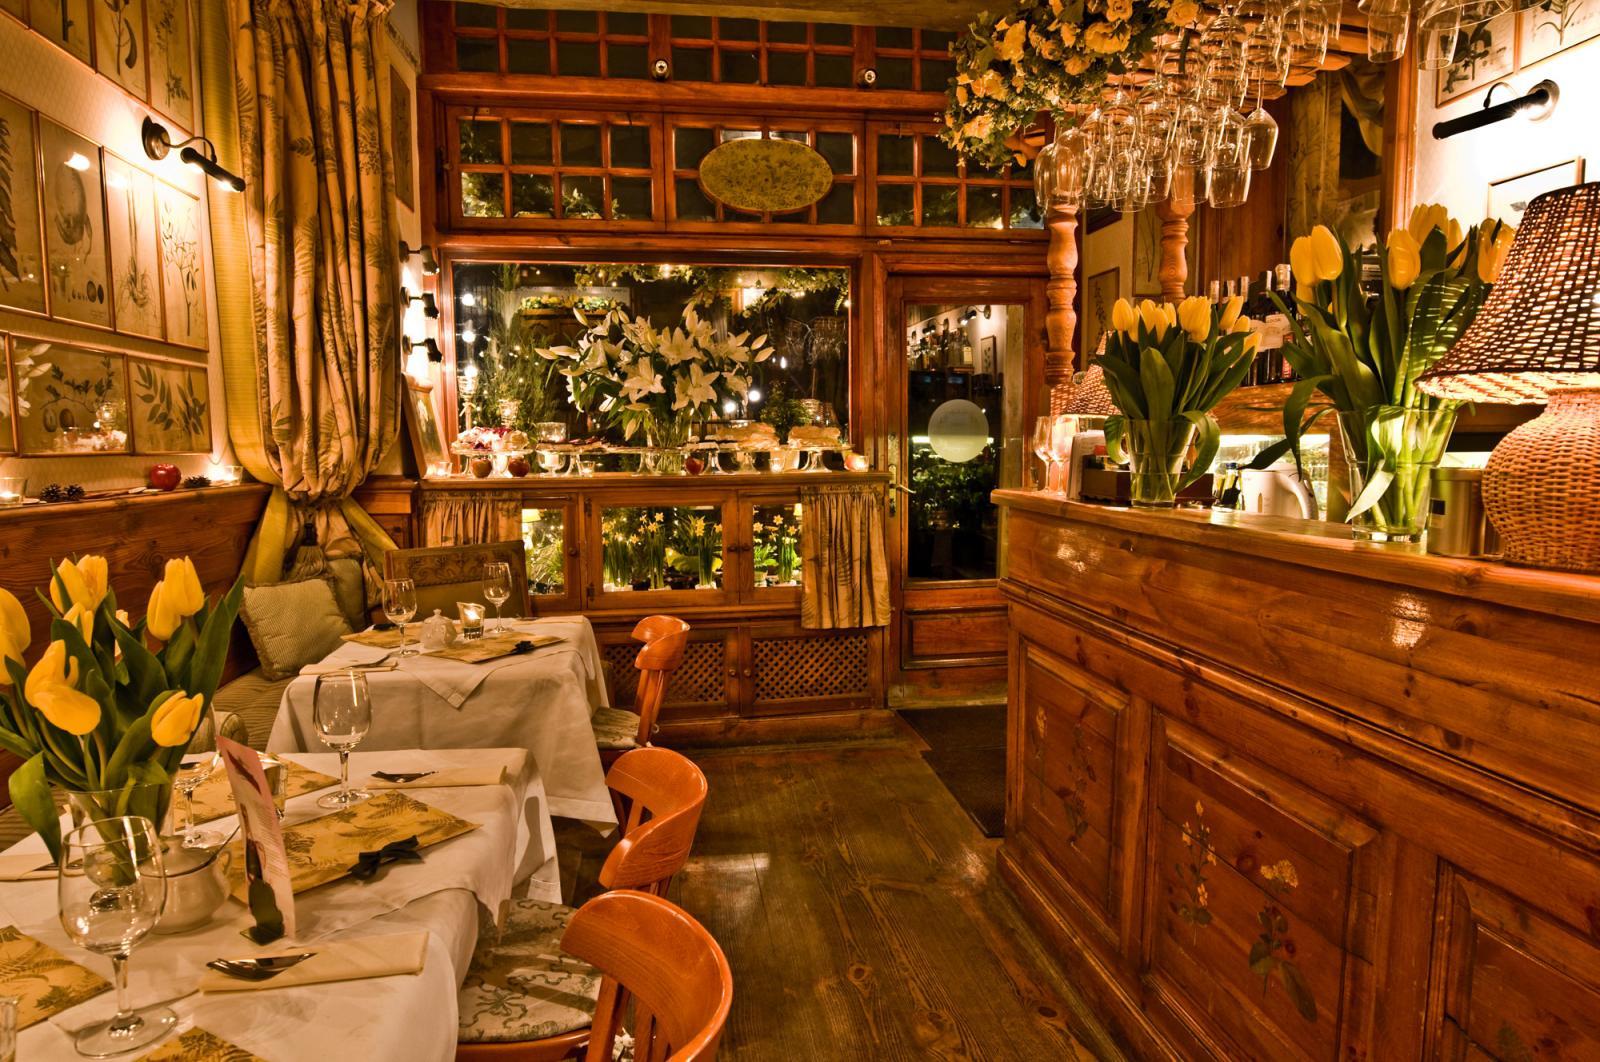 Restauracja Zielnik  polska restauracja w Warszawie  tradycyjna kuchnia polska -> Restauracja Kuchnia Angielska Warszawa